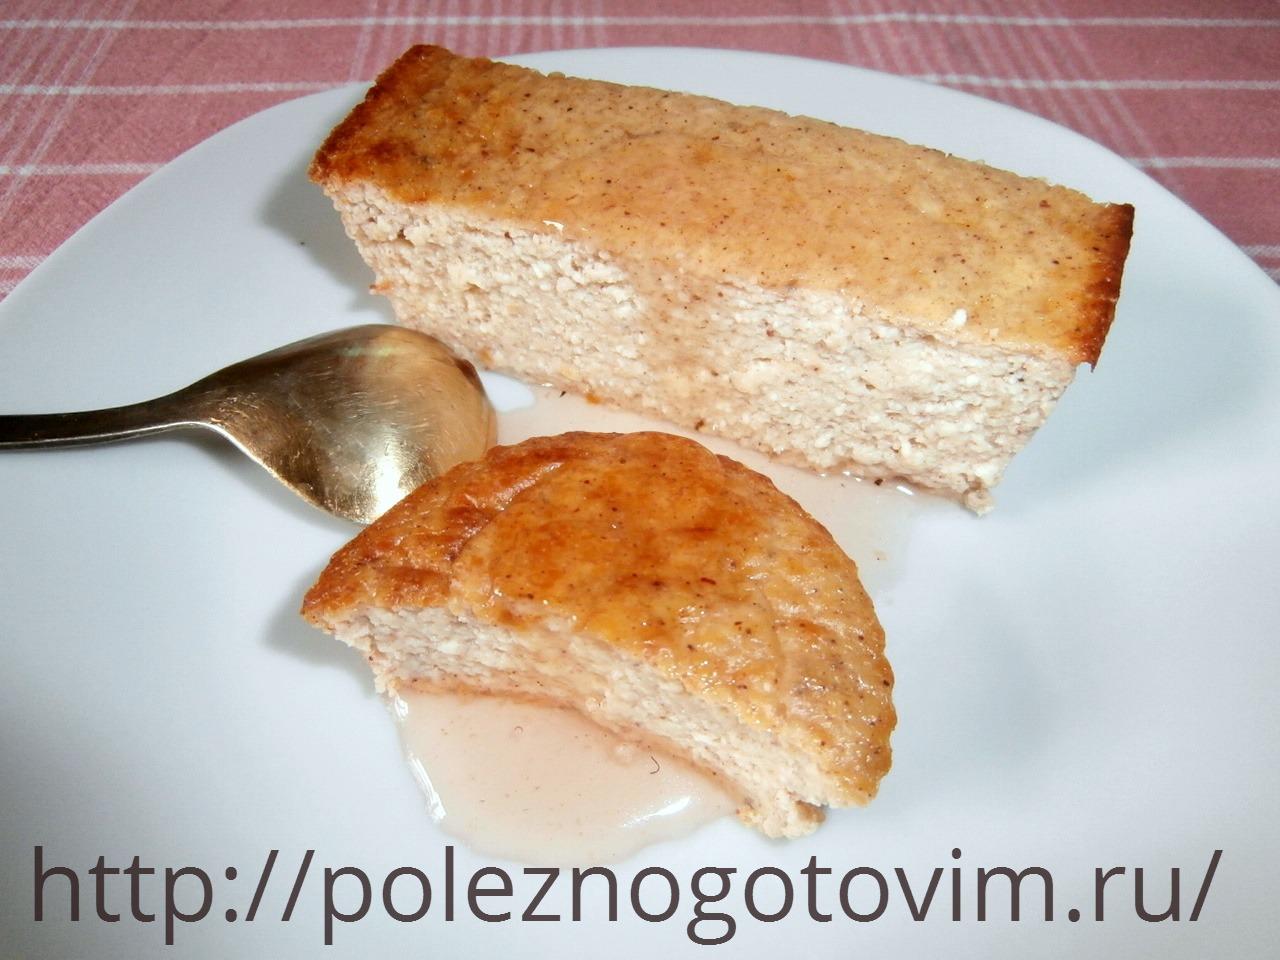 Запеканка из творожной массы рецепт в духовке без манки с мукой